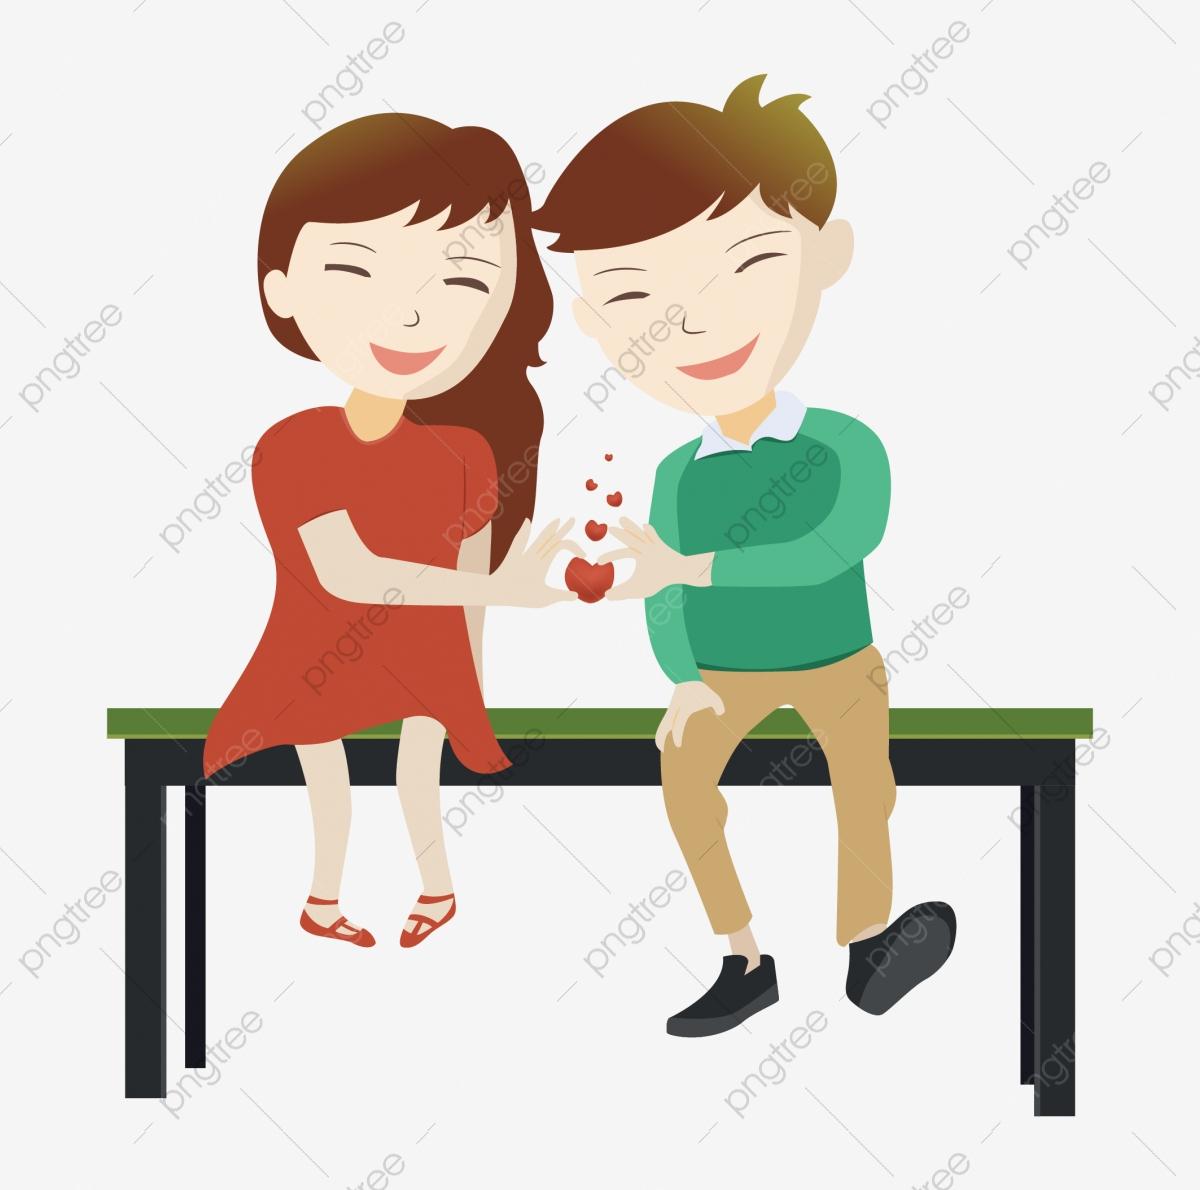 Paare Die Auf Der Bank Mit Liebe Sitzen Zeichentrickfigur für Verliebtes Paar Comic